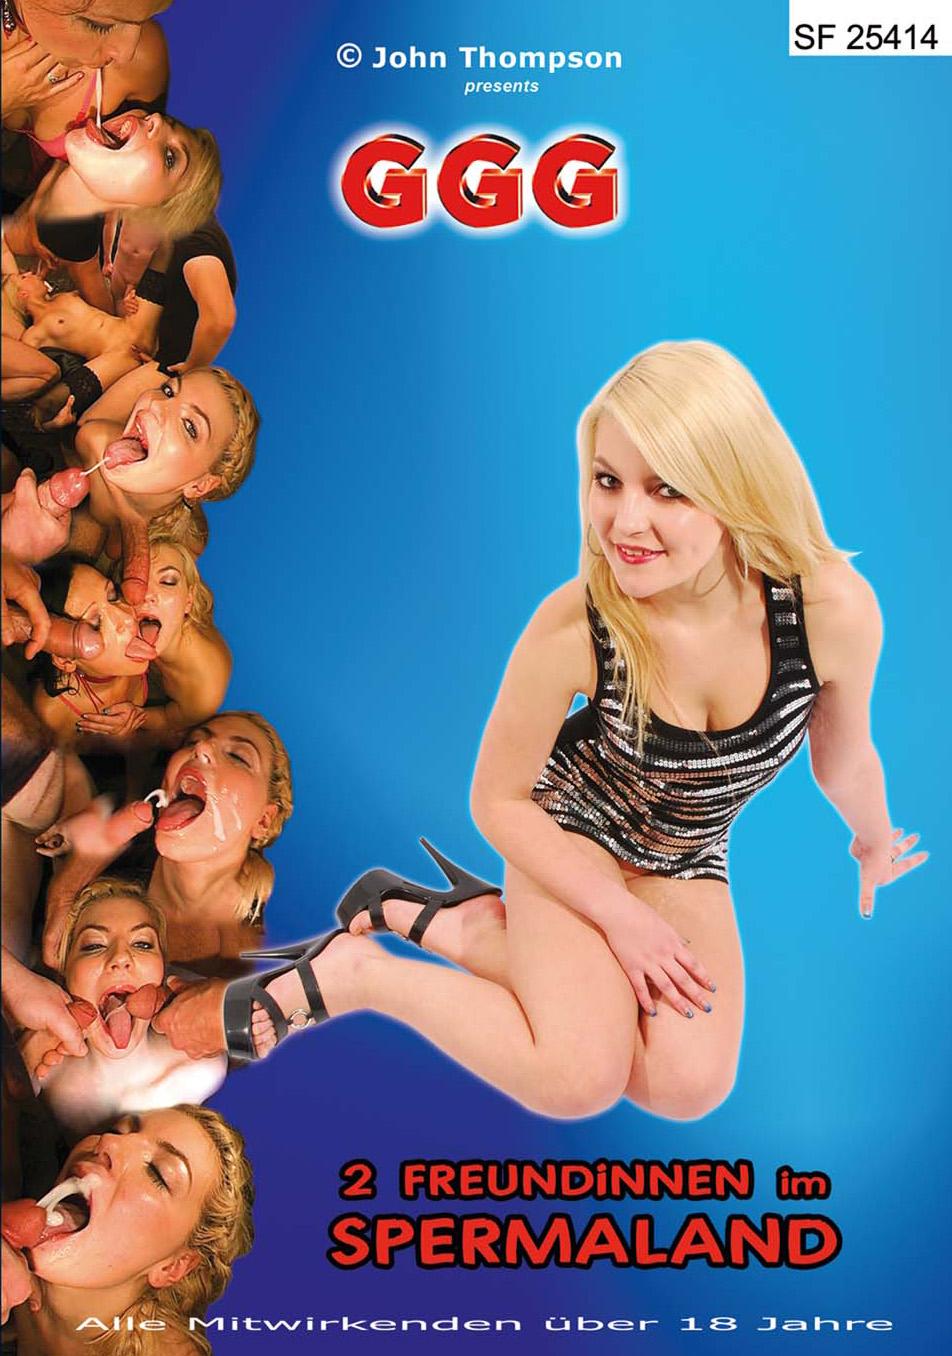 Смотреть онлайн порно ggg elina 3 фотография